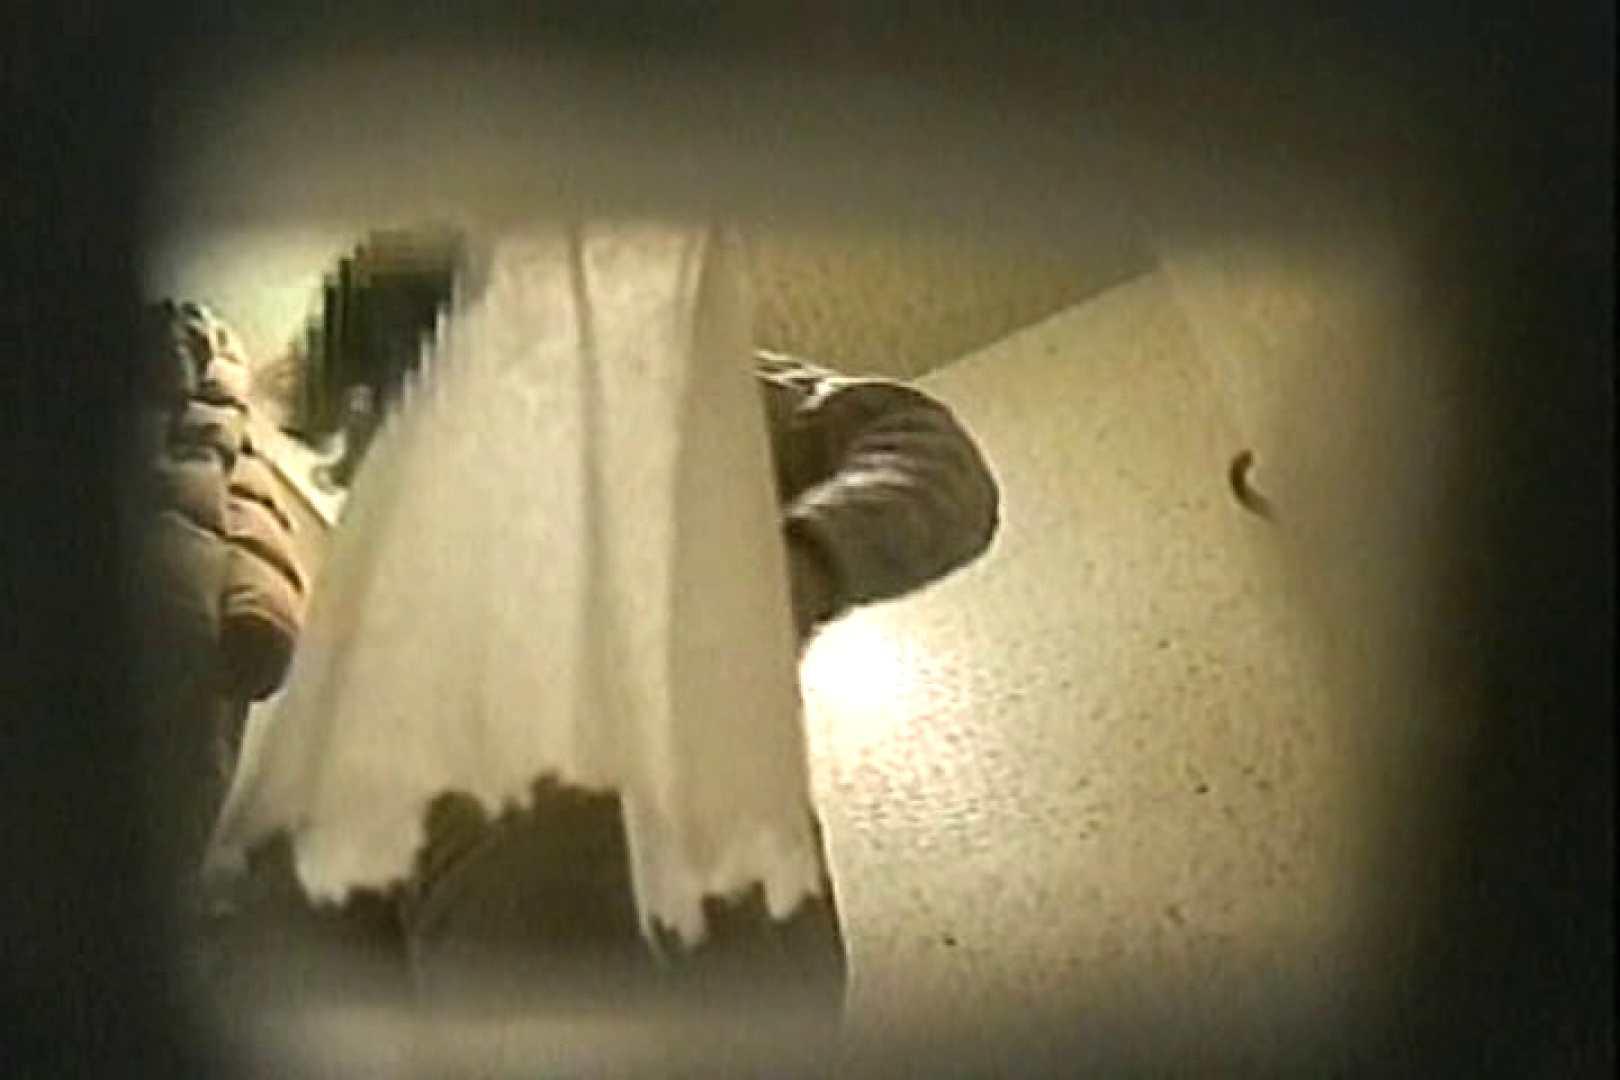 女子洗面所盗撮 今度の2カメは若い子だらけ  TK-127 おまんこ  76枚 33